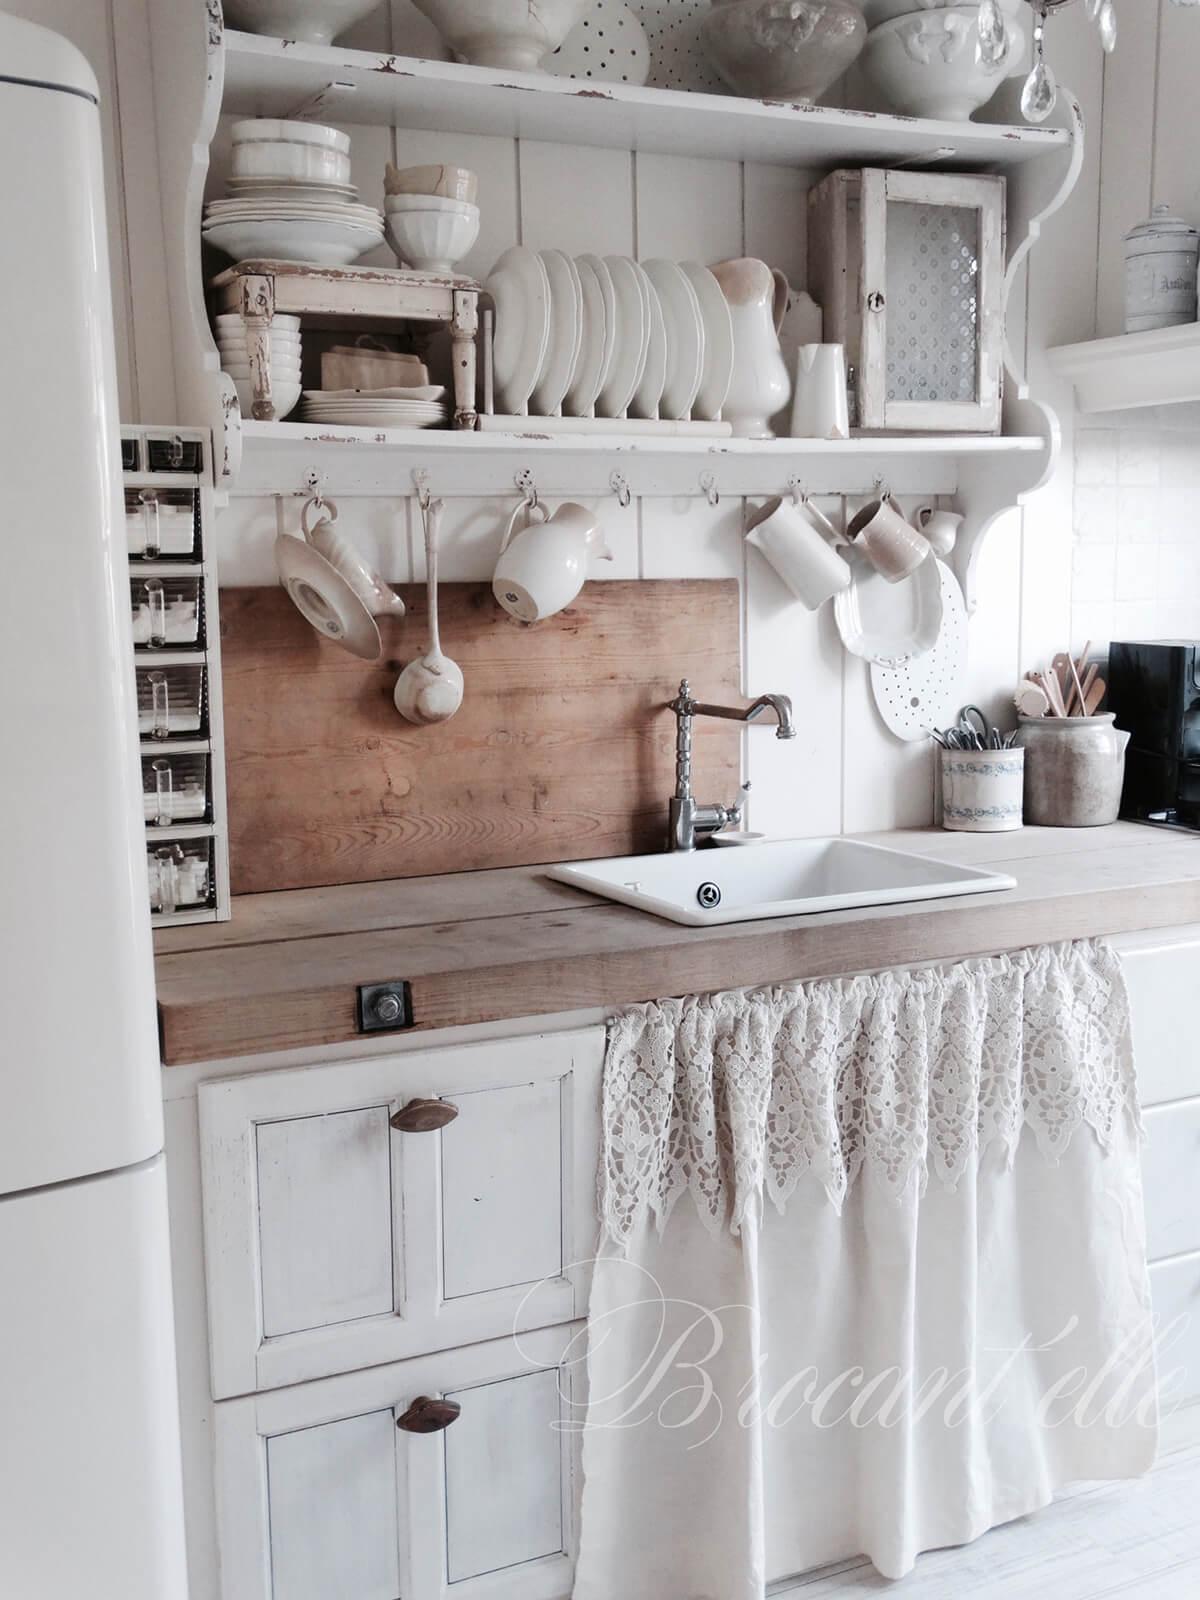 Cuisine style country avec étagères en bois et petit rideau sous lavabo.